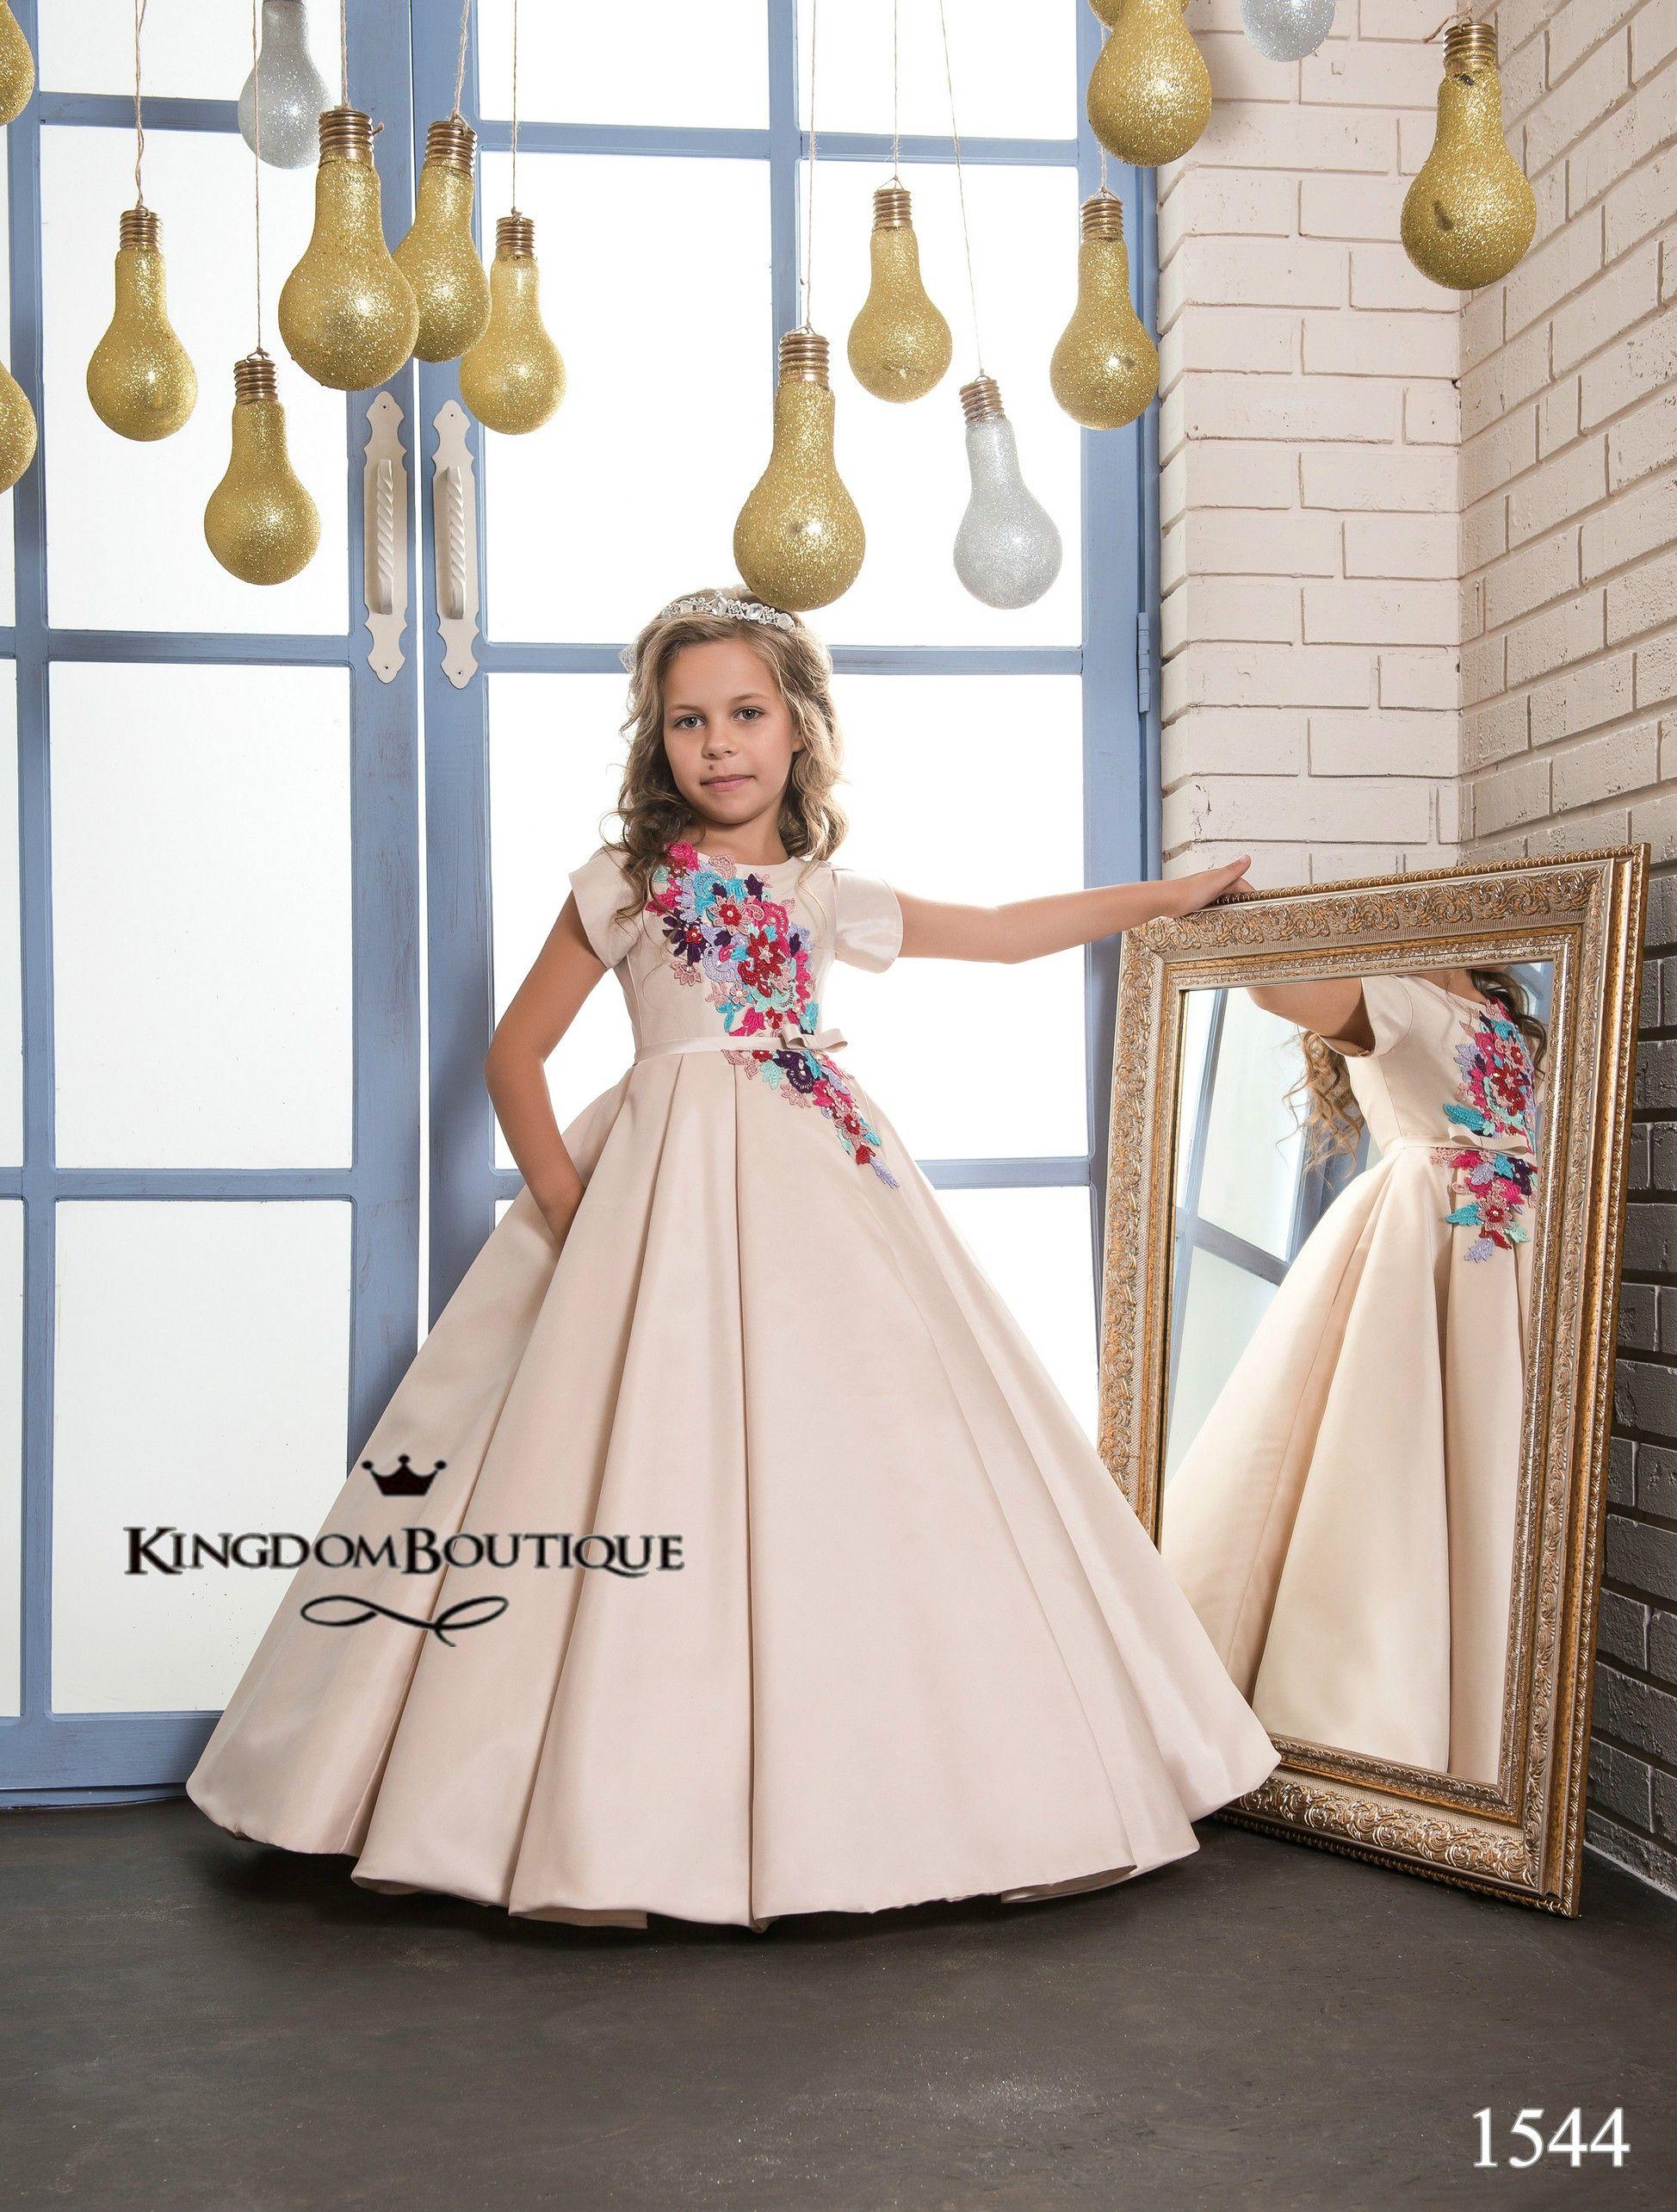 6fd867da5 Cappuccino Kingdom Boutique children s gowns for special events ...